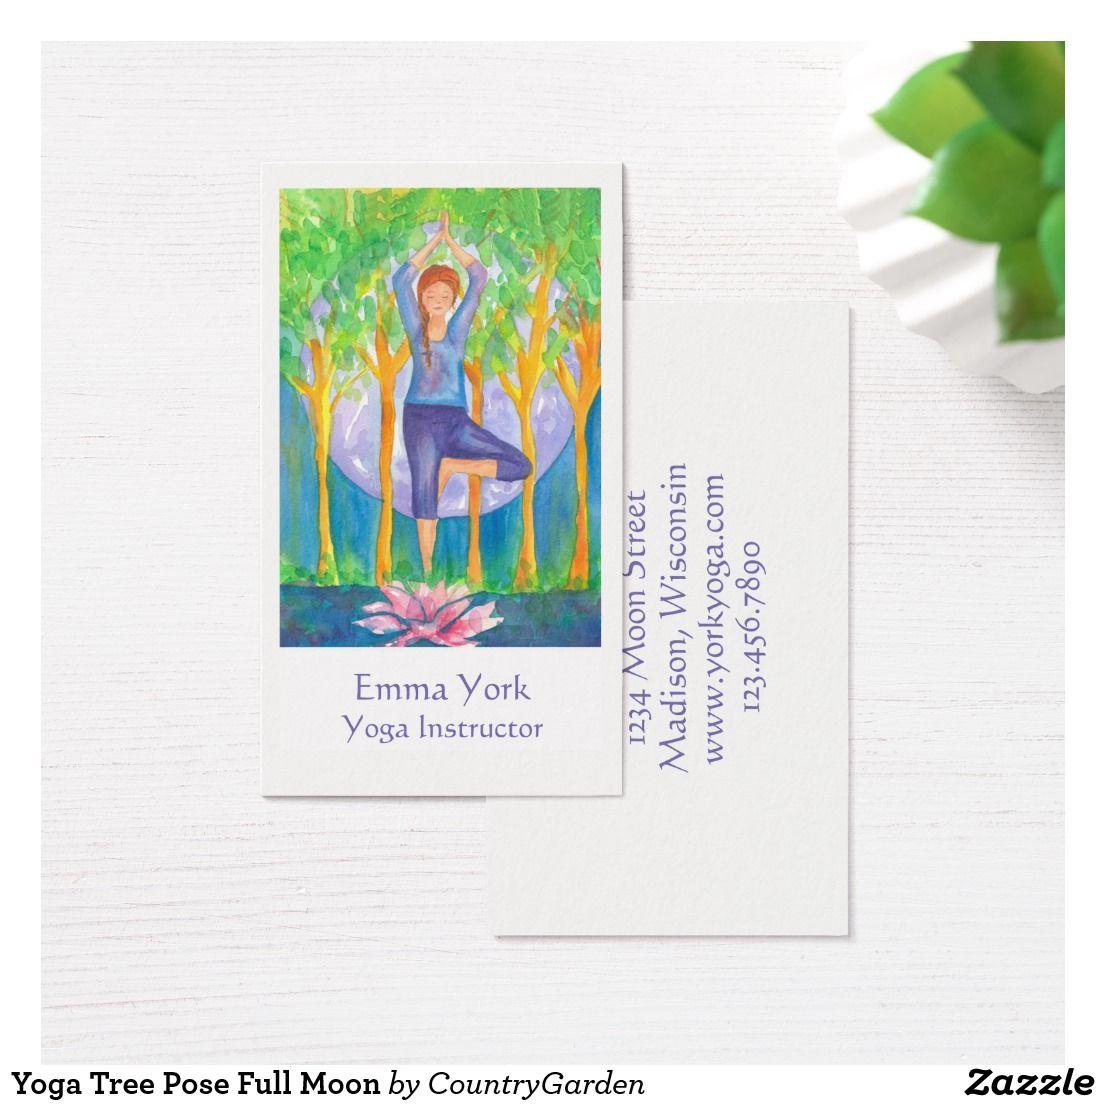 Yoga tree pose full moon business card yoga tree pose business yoga tree pose full moon business card colourmoves Images